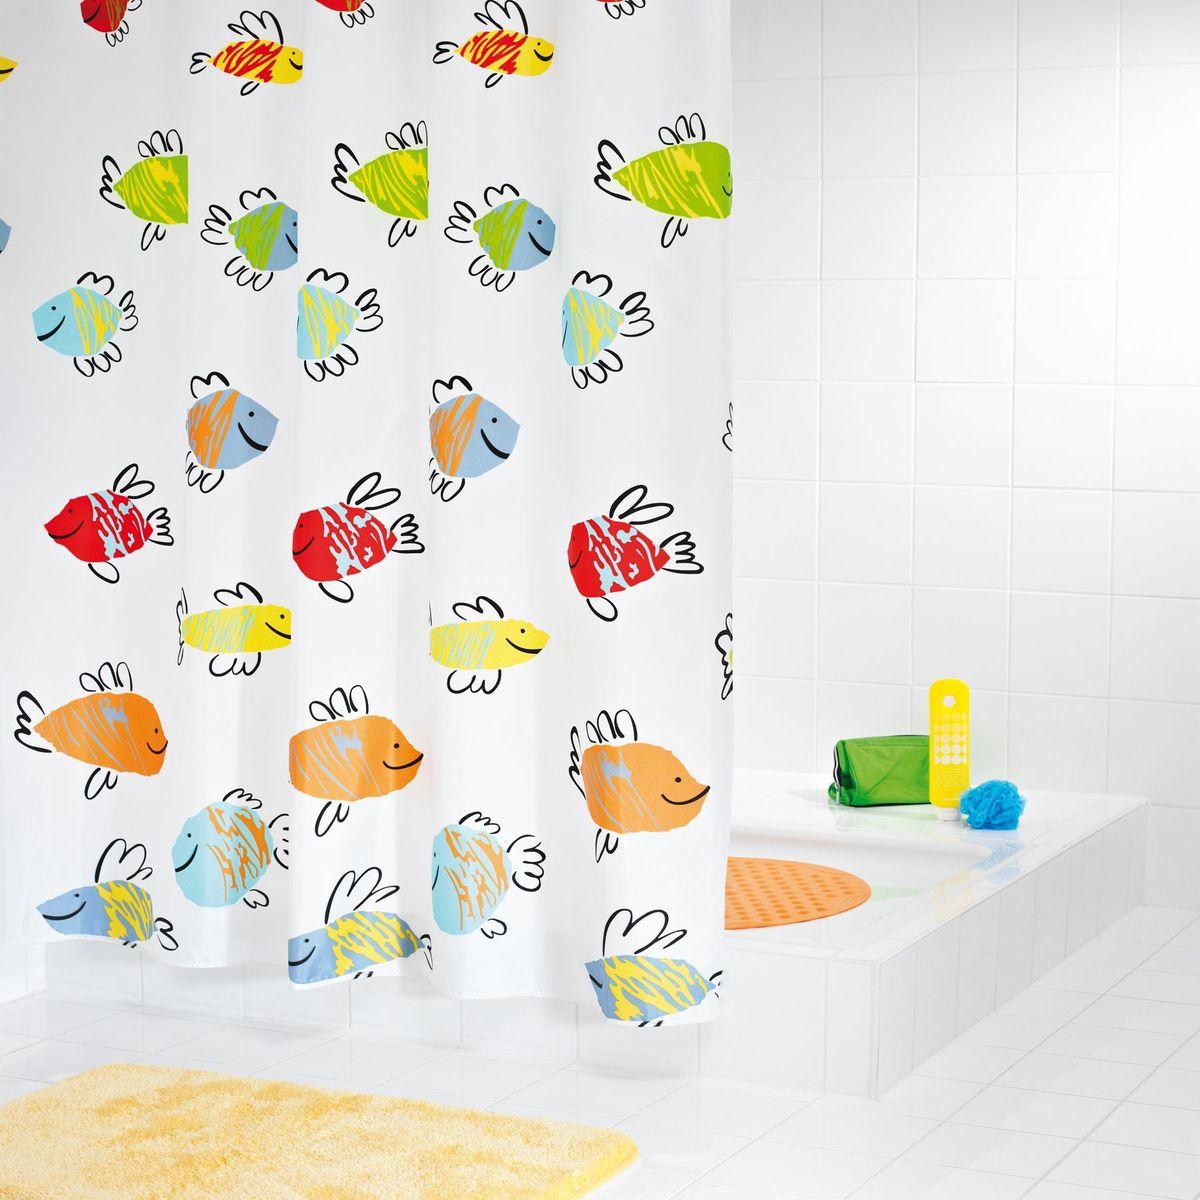 Штора для ванной комнаты Ridder Malawi, цвет: белый, мультиколор, 180 х 200 см штора для ванной комнаты ridder helgoland цвет синий голубой 240 х 180 см